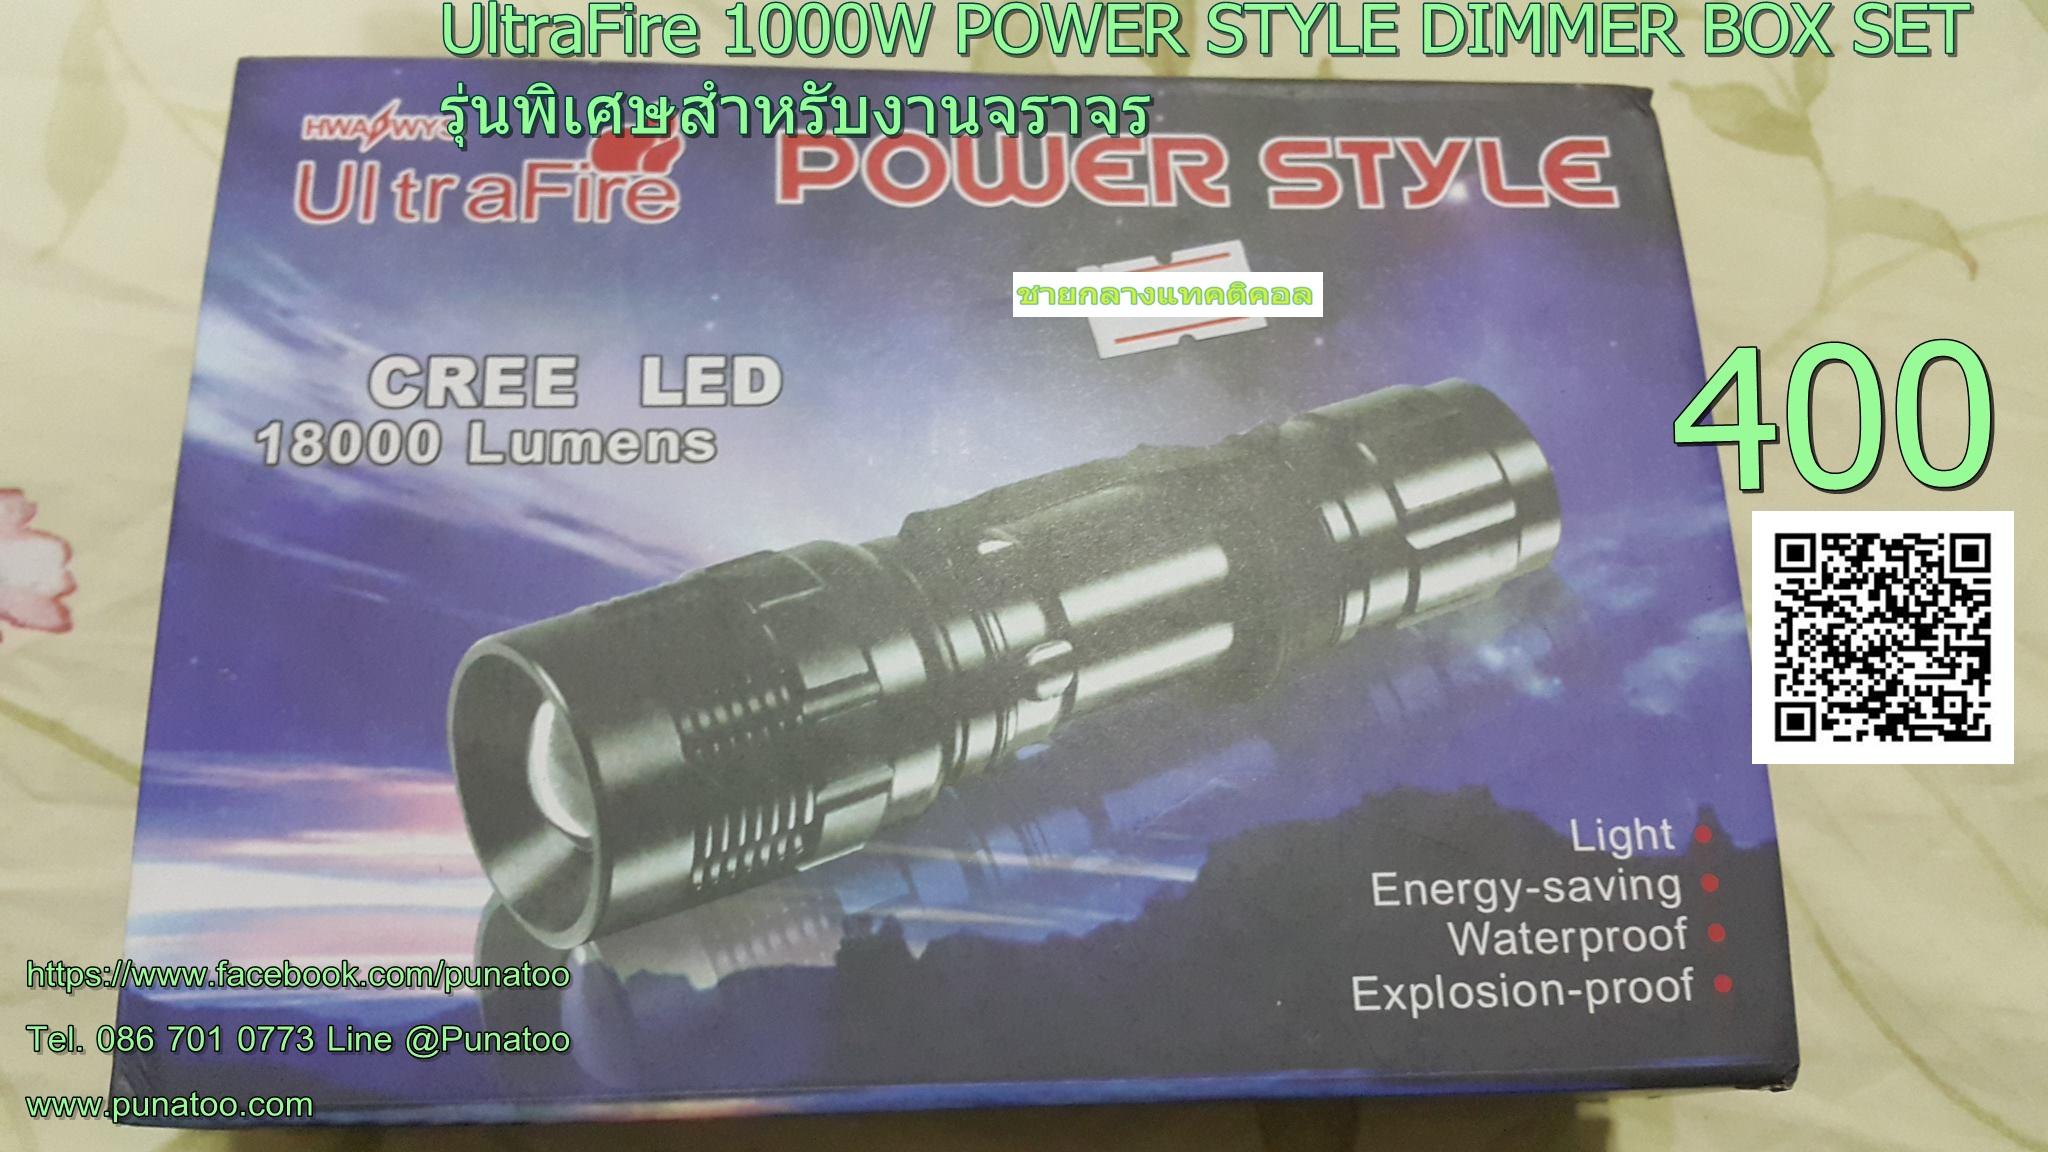 UltraFire 1000W POWER STYLE DIMMER BOX SETรุ่นพิเศษสำหรับงานจราจร